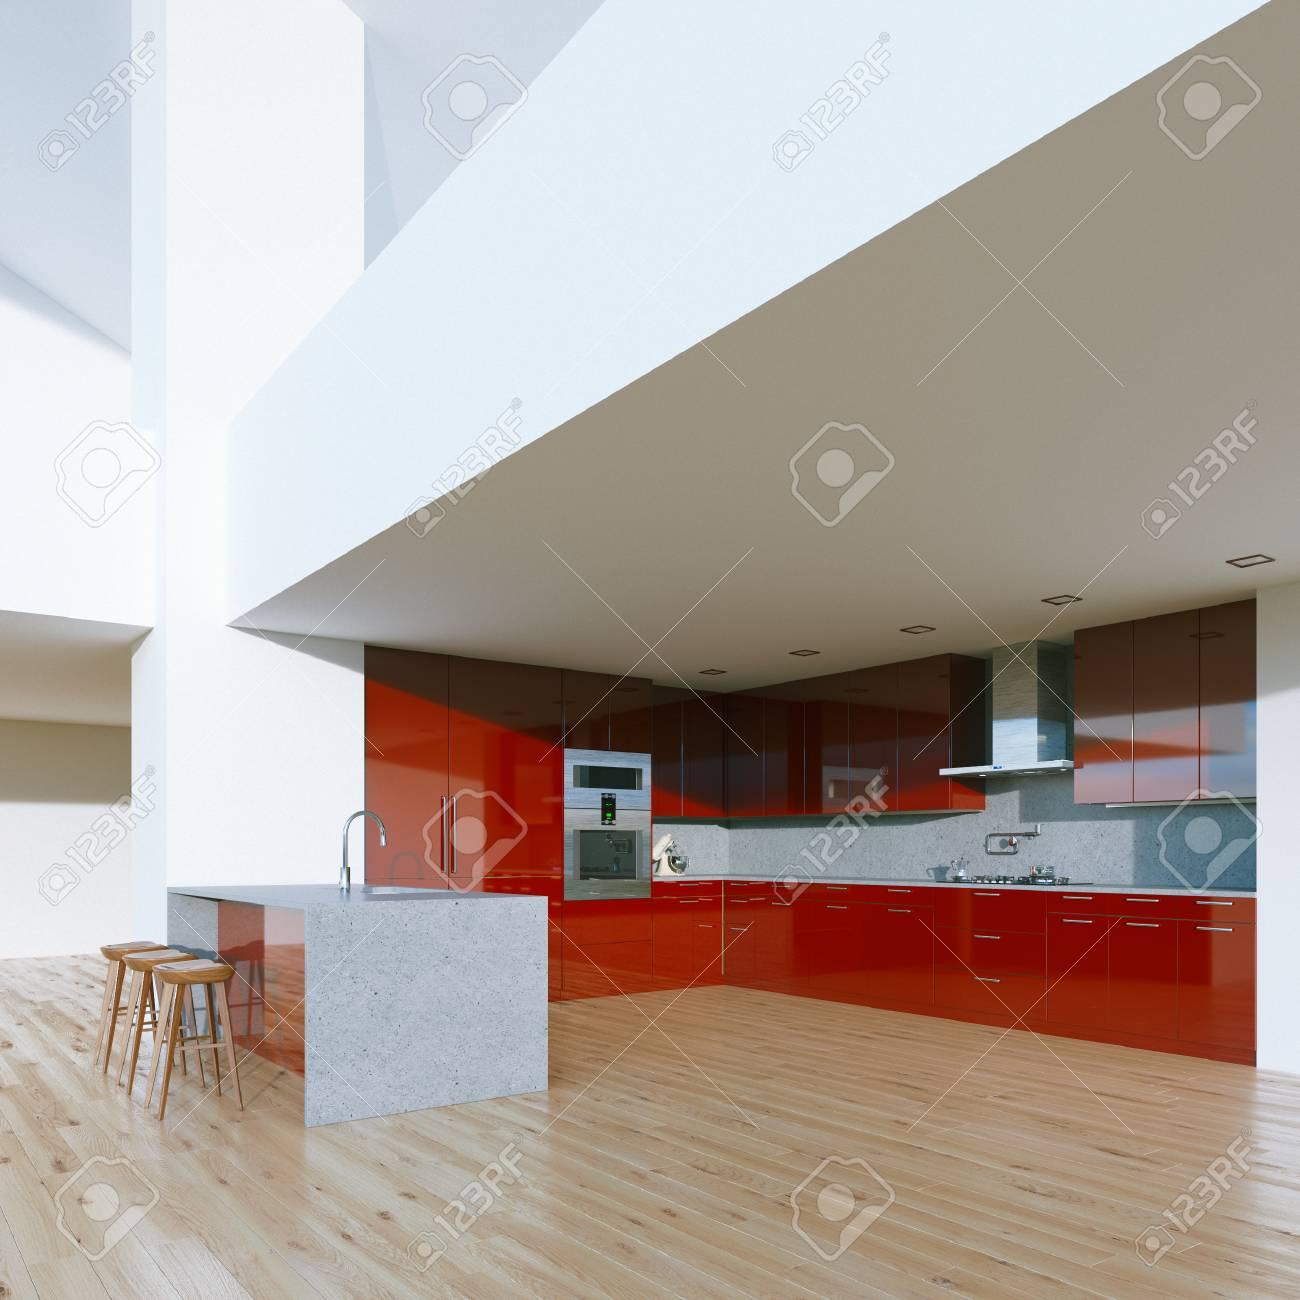 Nouvelle Cuisine Rouge Decoration Contemporaine Dans Le Luxe Grande Maison 3d Render